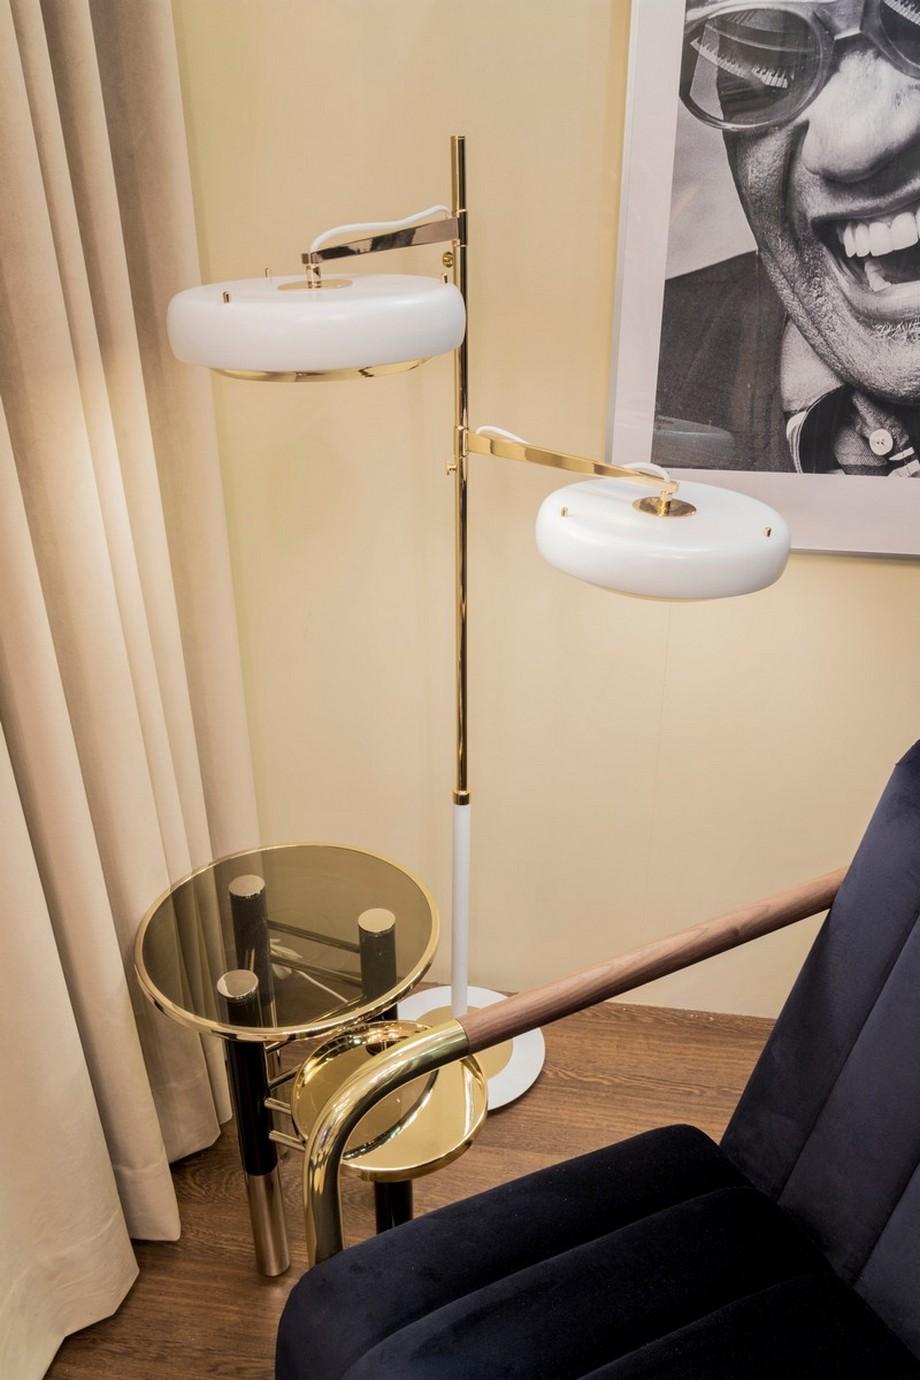 Diseño de Mobiliario: Tendencias y inspiraciónes para un proyecto lujuoso diseño de mobiliario Diseño de Mobiliario: Tendencias y inspiraciónes para un proyecto lujuoso 7 Amazing Luxury Furniture Ideas To Glamp Up Your Project 5